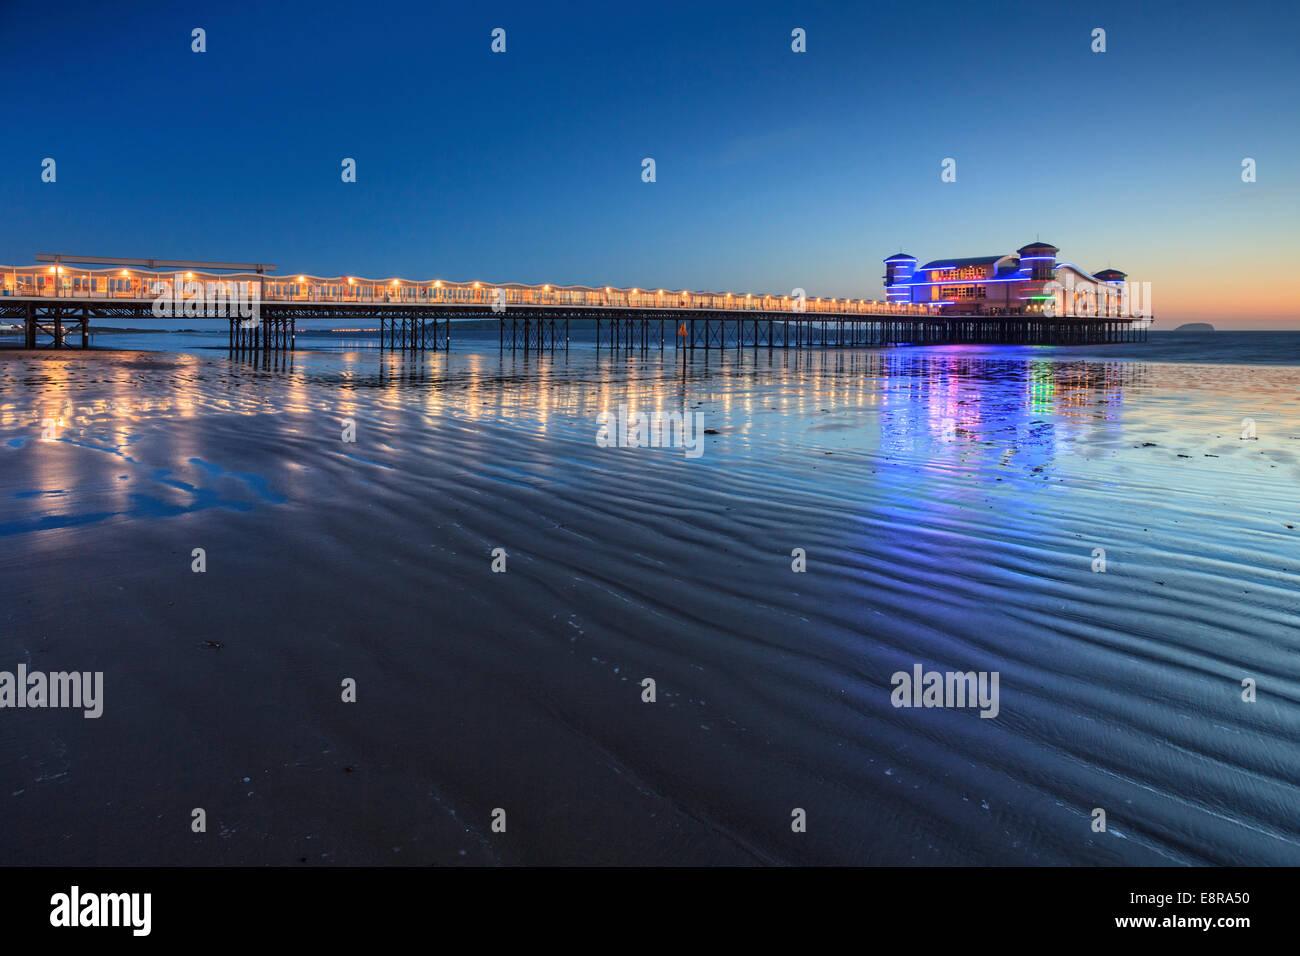 La ricostruita Grand molo Weston-Super-Mare catturato circa quarantacinque minuti dopo il tramonto. Immagini Stock